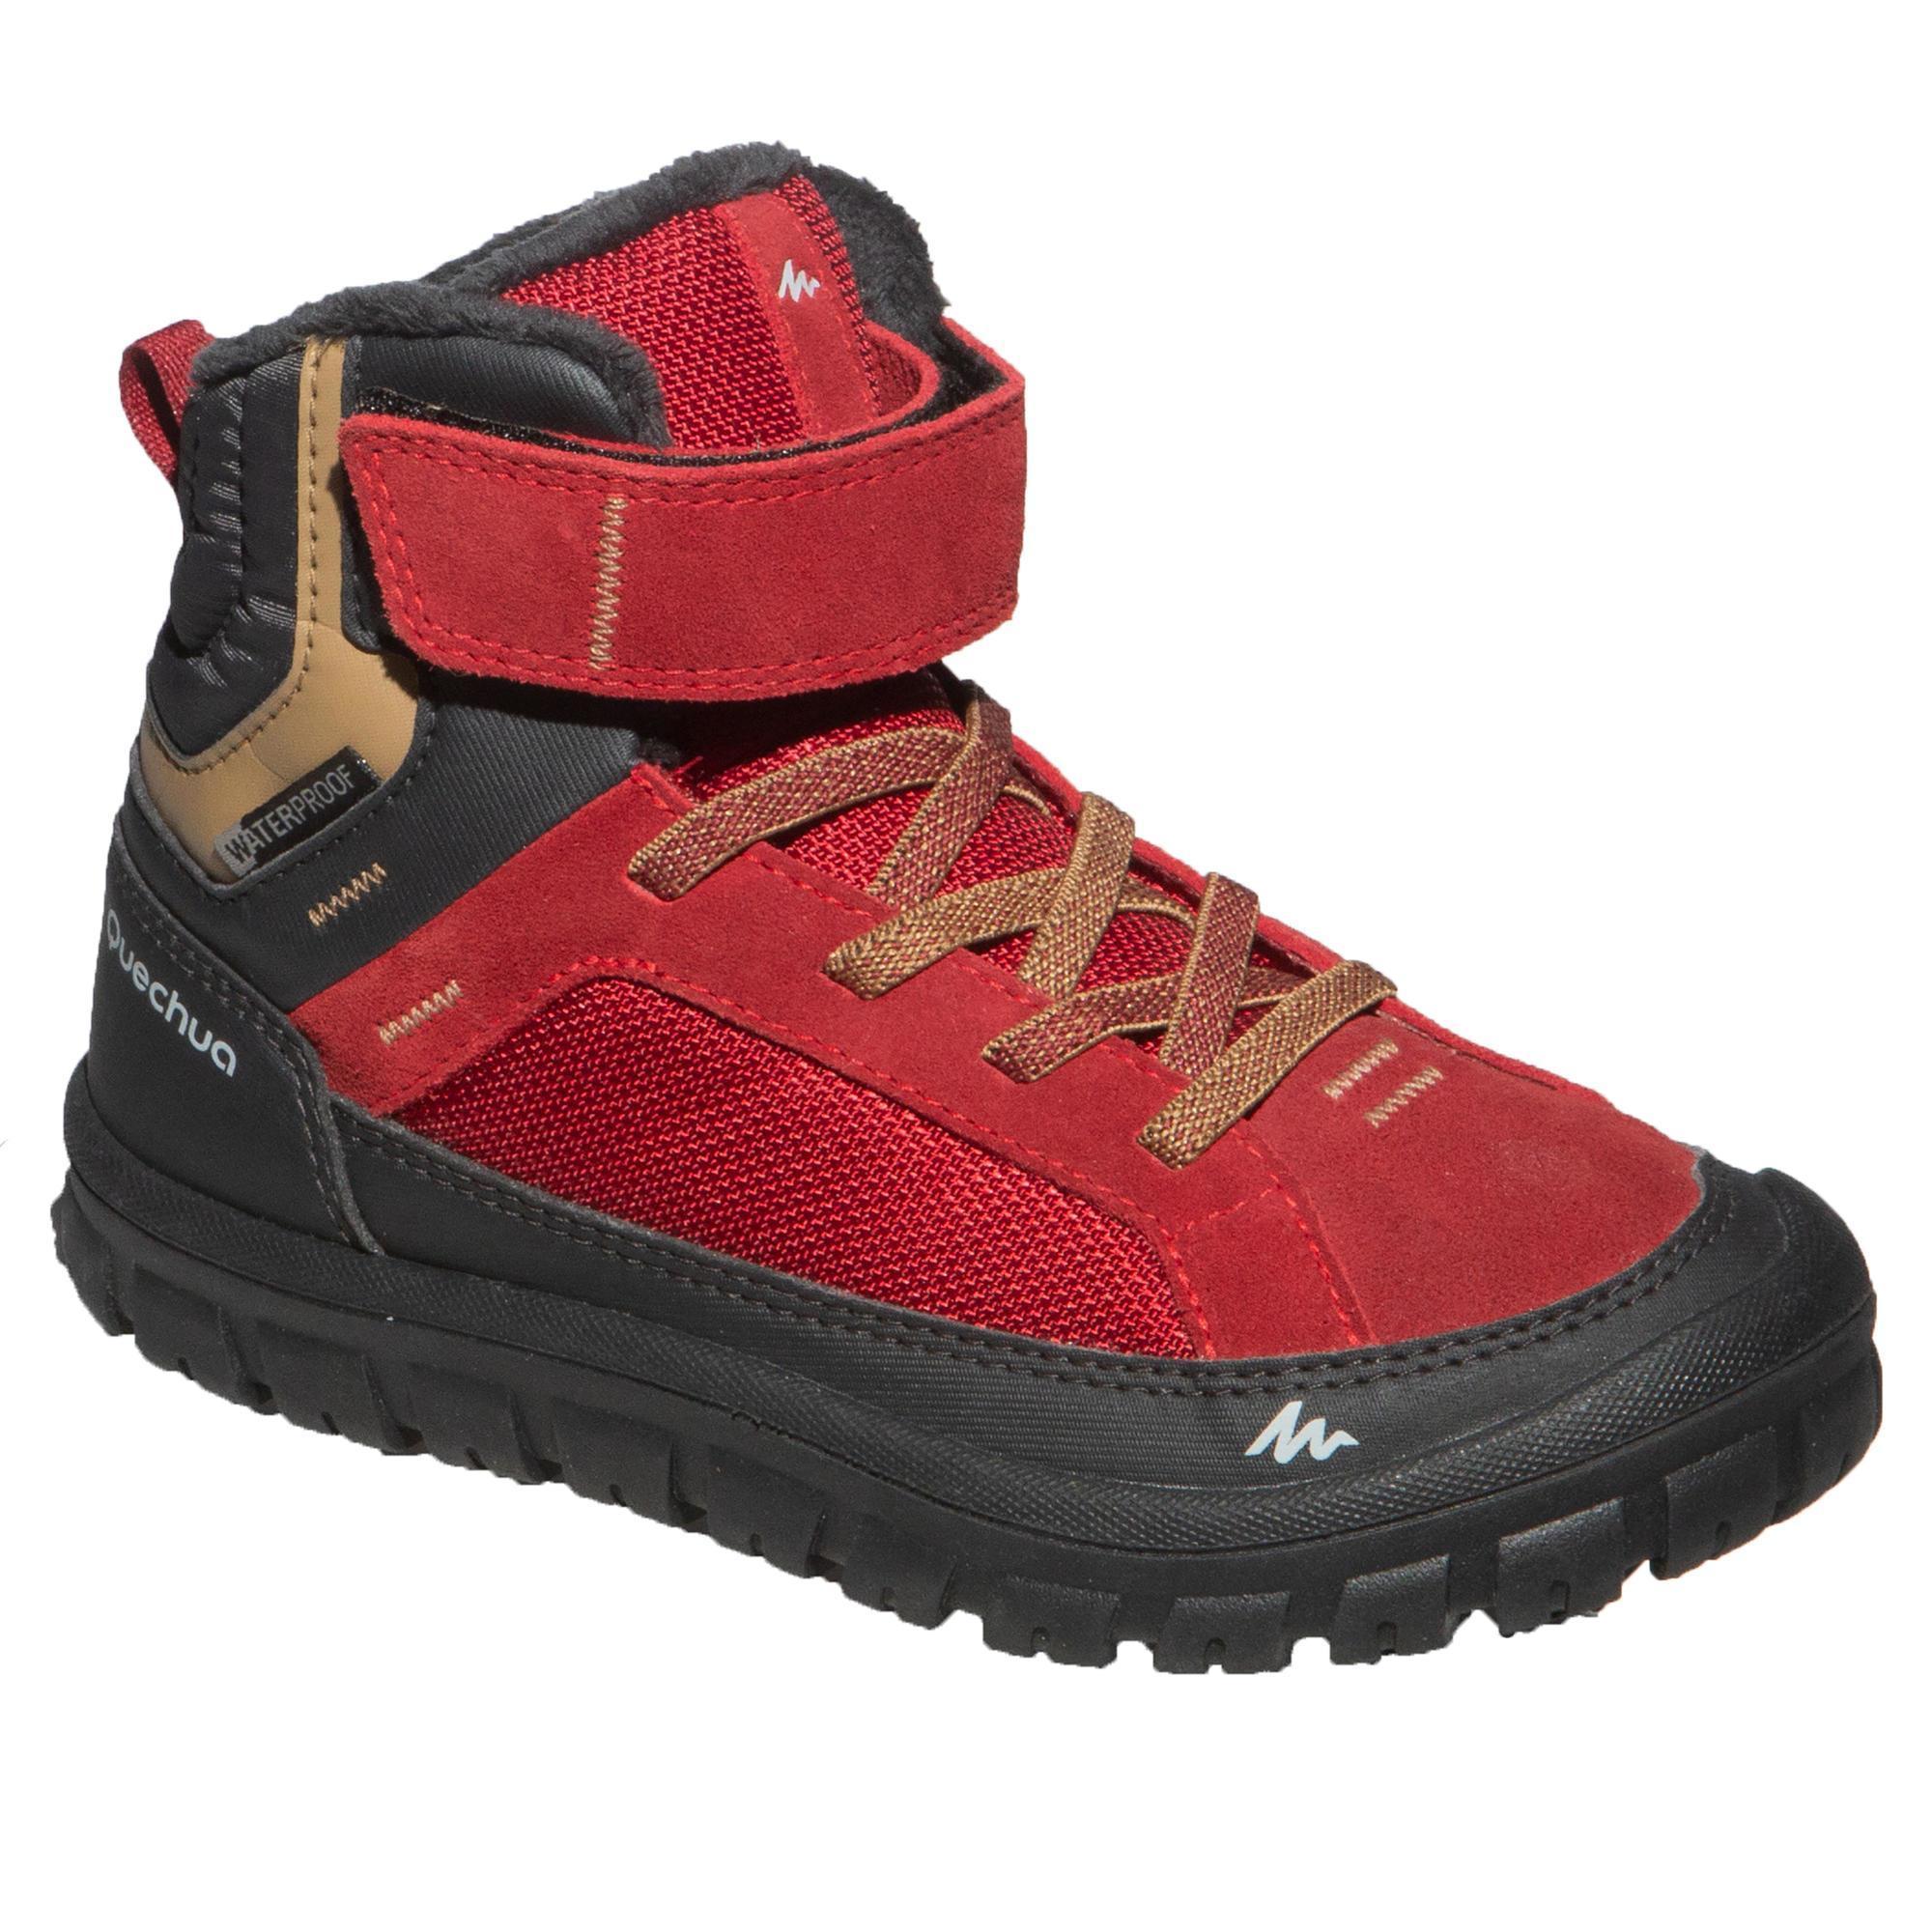 f2fc24bc4c7dcd Quechua wandelen schoenen kinder wandelschoenen voor de sneeuw sh500 warm  mid klittenband. wij .